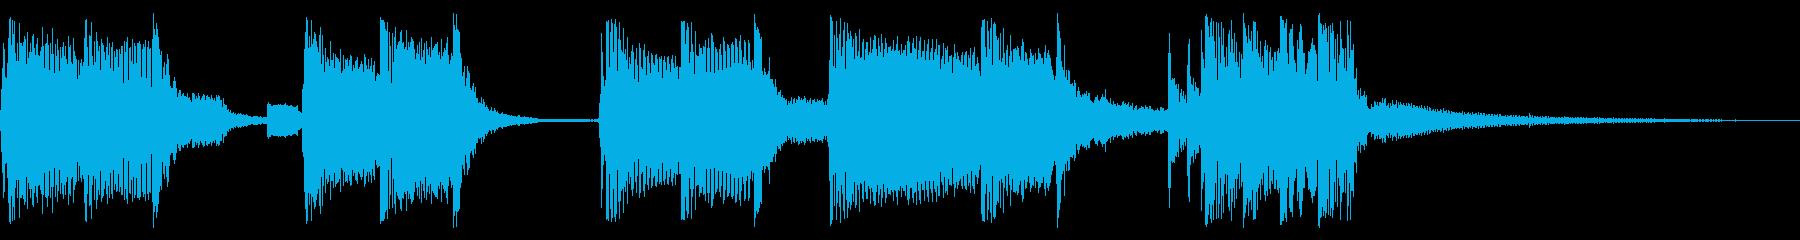 パンキッシュなロックジングル03の再生済みの波形